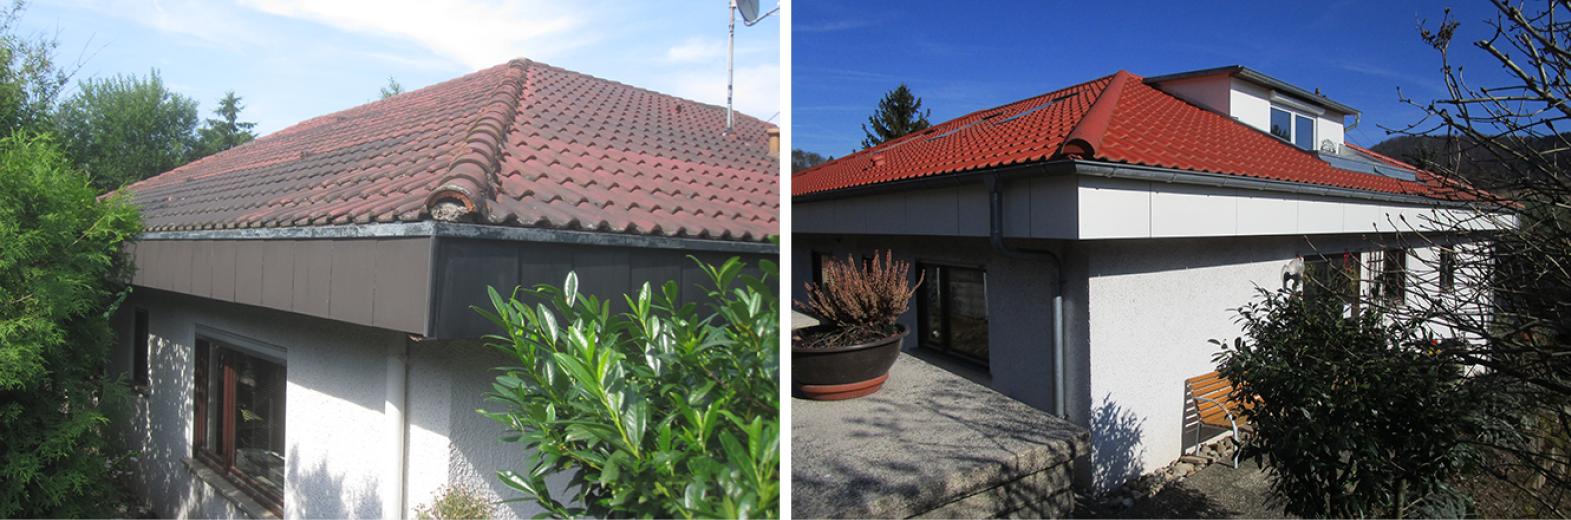 Einzelmaßnahme Dachsanierung und Dachgaube mit Loggia